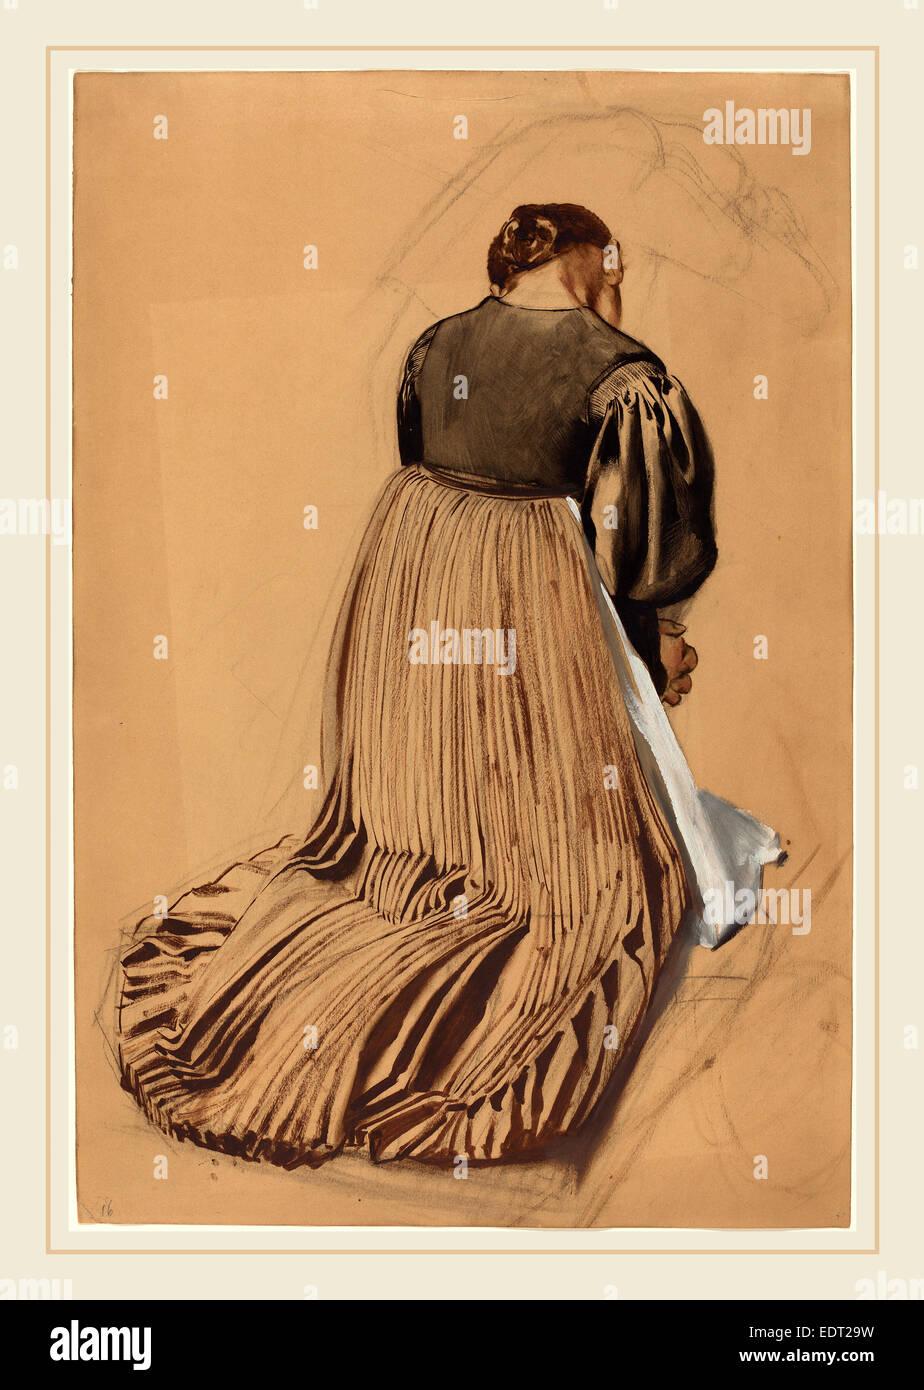 Konrad Böse, Kneeling Woman from Behind, German, 1852-1938, c.